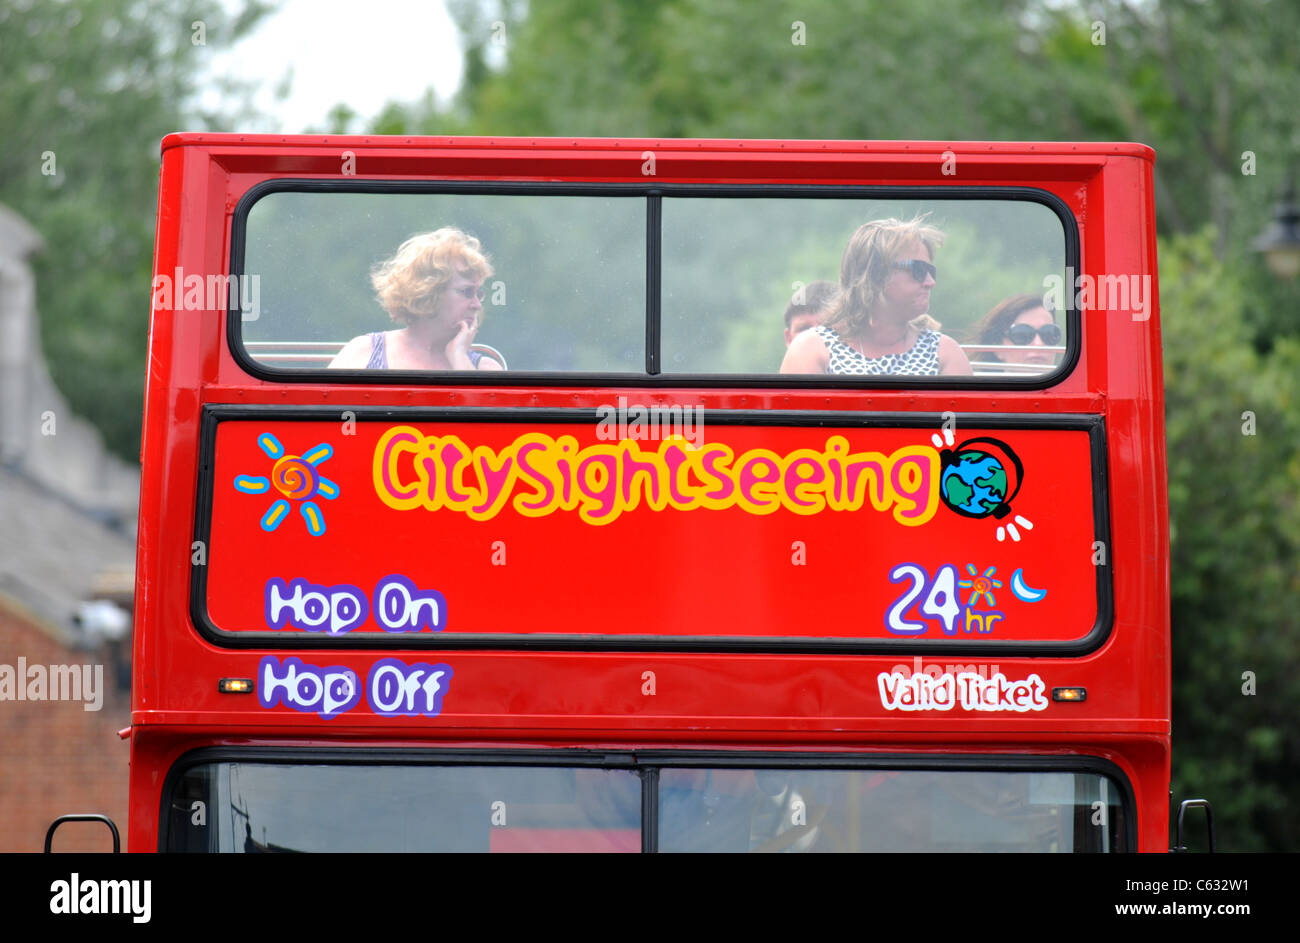 Bus touristique, Eton, Berkshire, Angleterre, Royaume-Uni Photo Stock